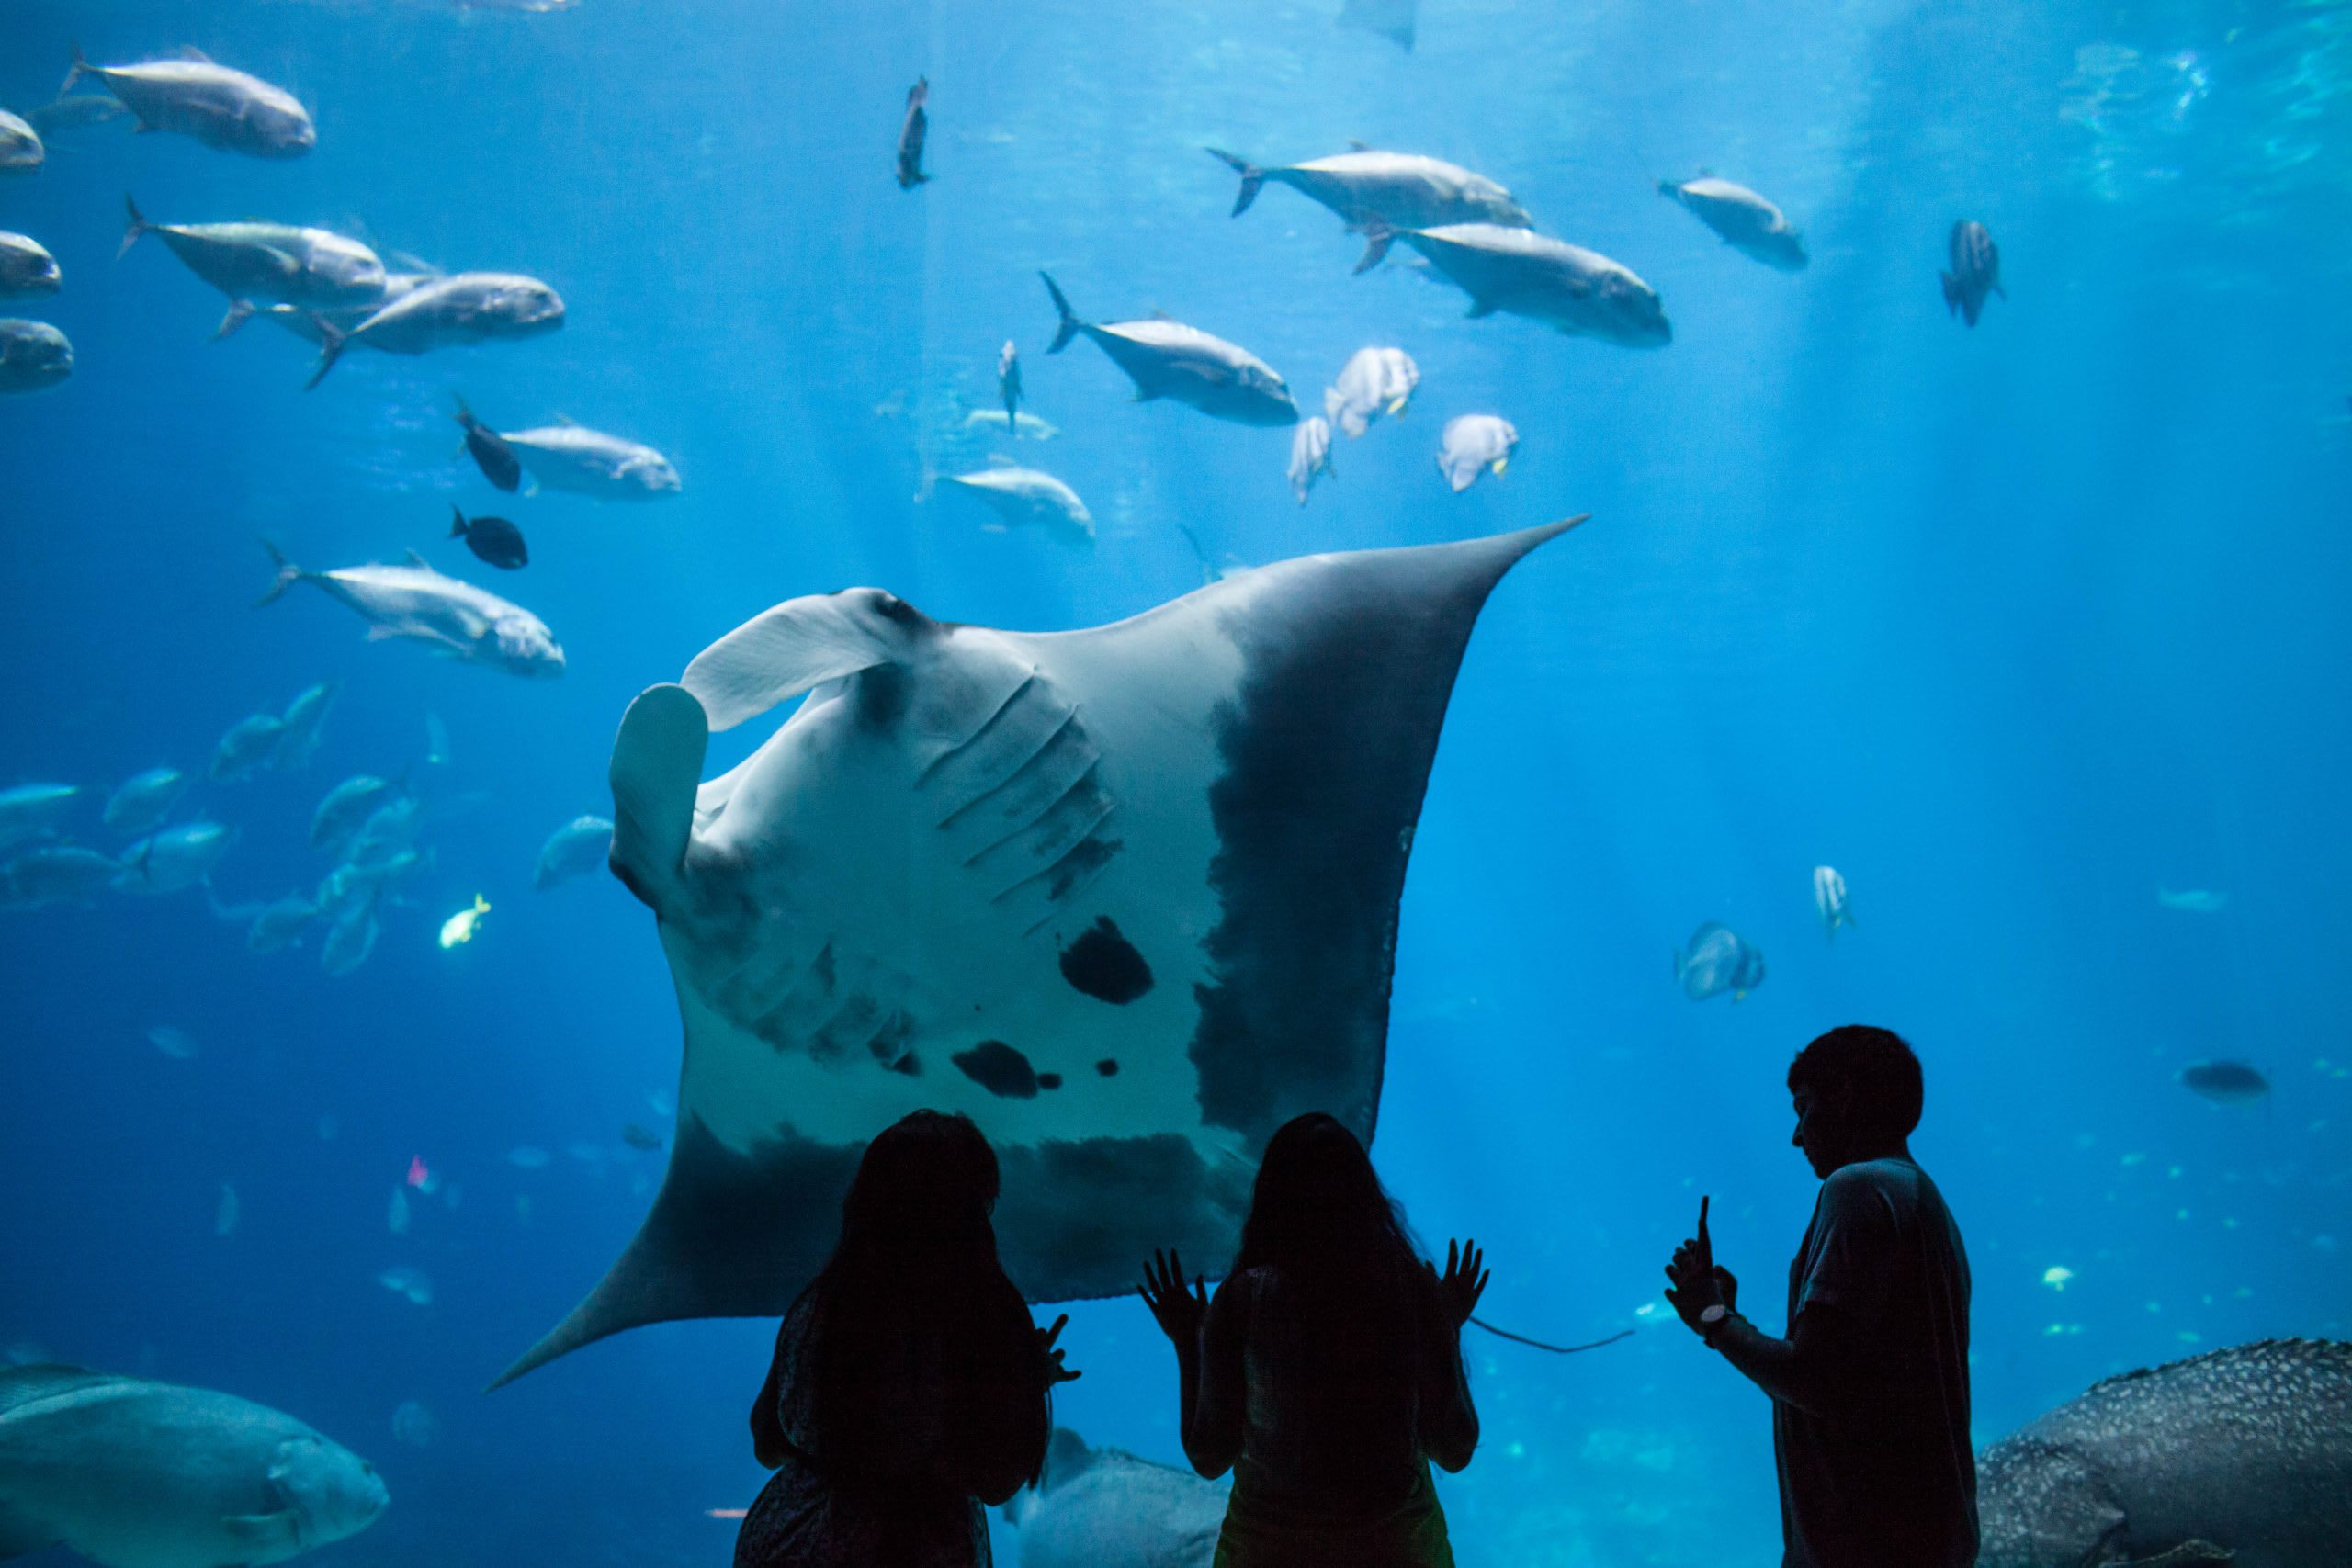 Georgia Aquarium is one of the top places to visit in Atlanta